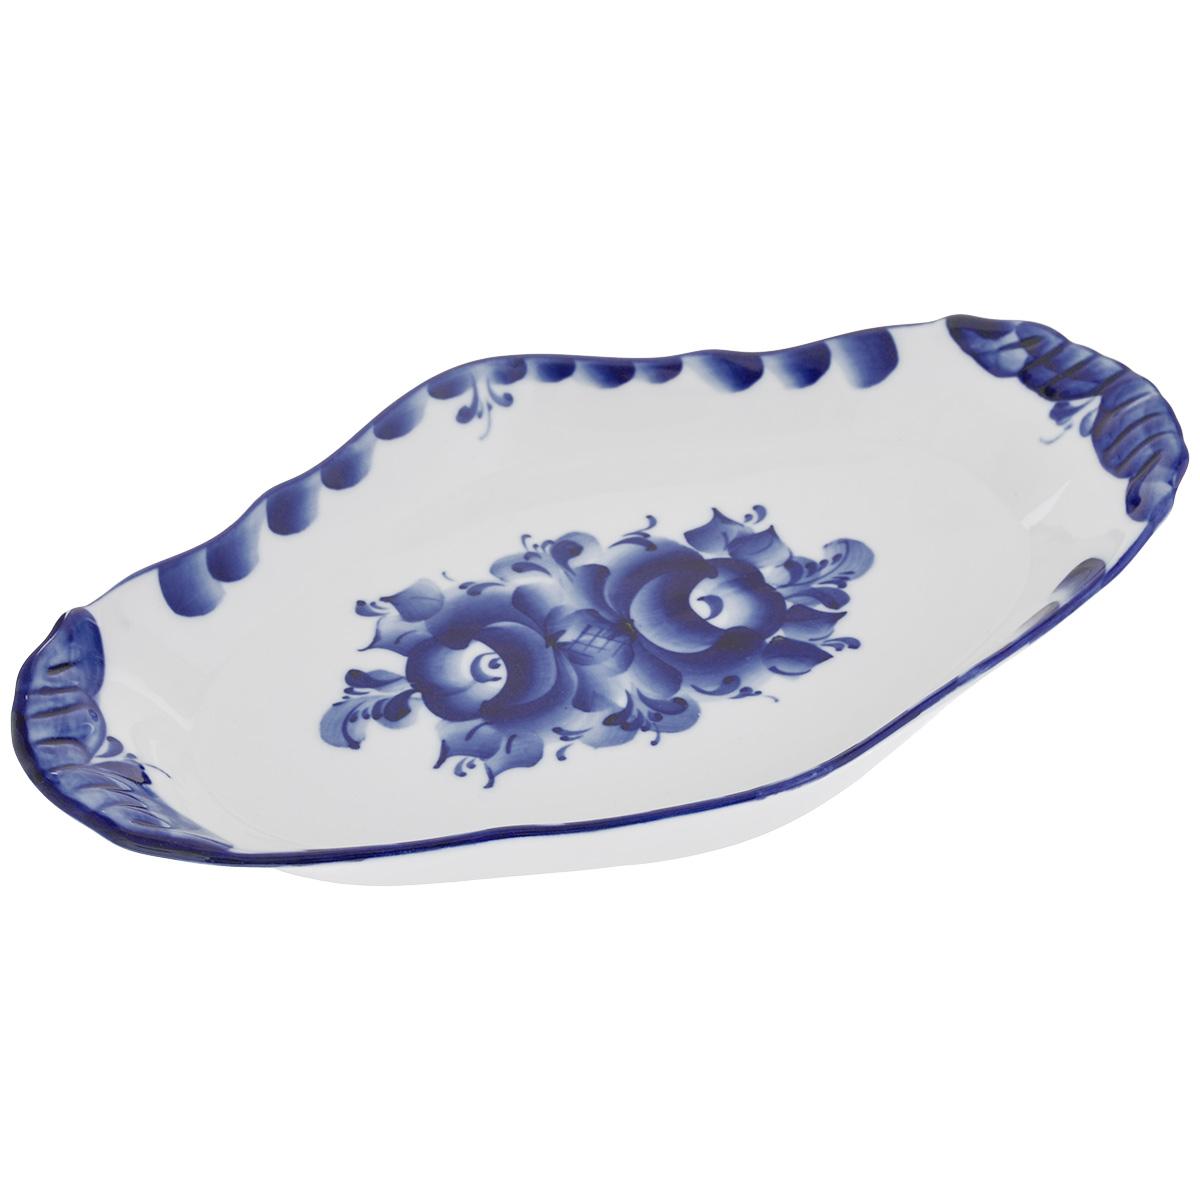 Блюдо Среднее, цвет: белый, синий, 27 см х 16 см. 993011301VT-1520(SR)Блюдо Среднее, изготовленное из фарфора, доставит истинное удовольствие ценителям прекрасного. Блюдо выполнено в стиле гжель и расписано вручную. Яркий дизайн, несомненно, придется вам по вкусу.Блюдо Среднее украсит ваш кухонный стол, а также станет замечательным подарком к любому празднику.Не применять абразивные чистящие средства. Не использовать в микроволновой печи. Мыть с применением нейтральных моющих средств. Не рекомендуется использовать в посудомоечных машинах.Размеры блюда: 27 см х 16 см х 3 см.